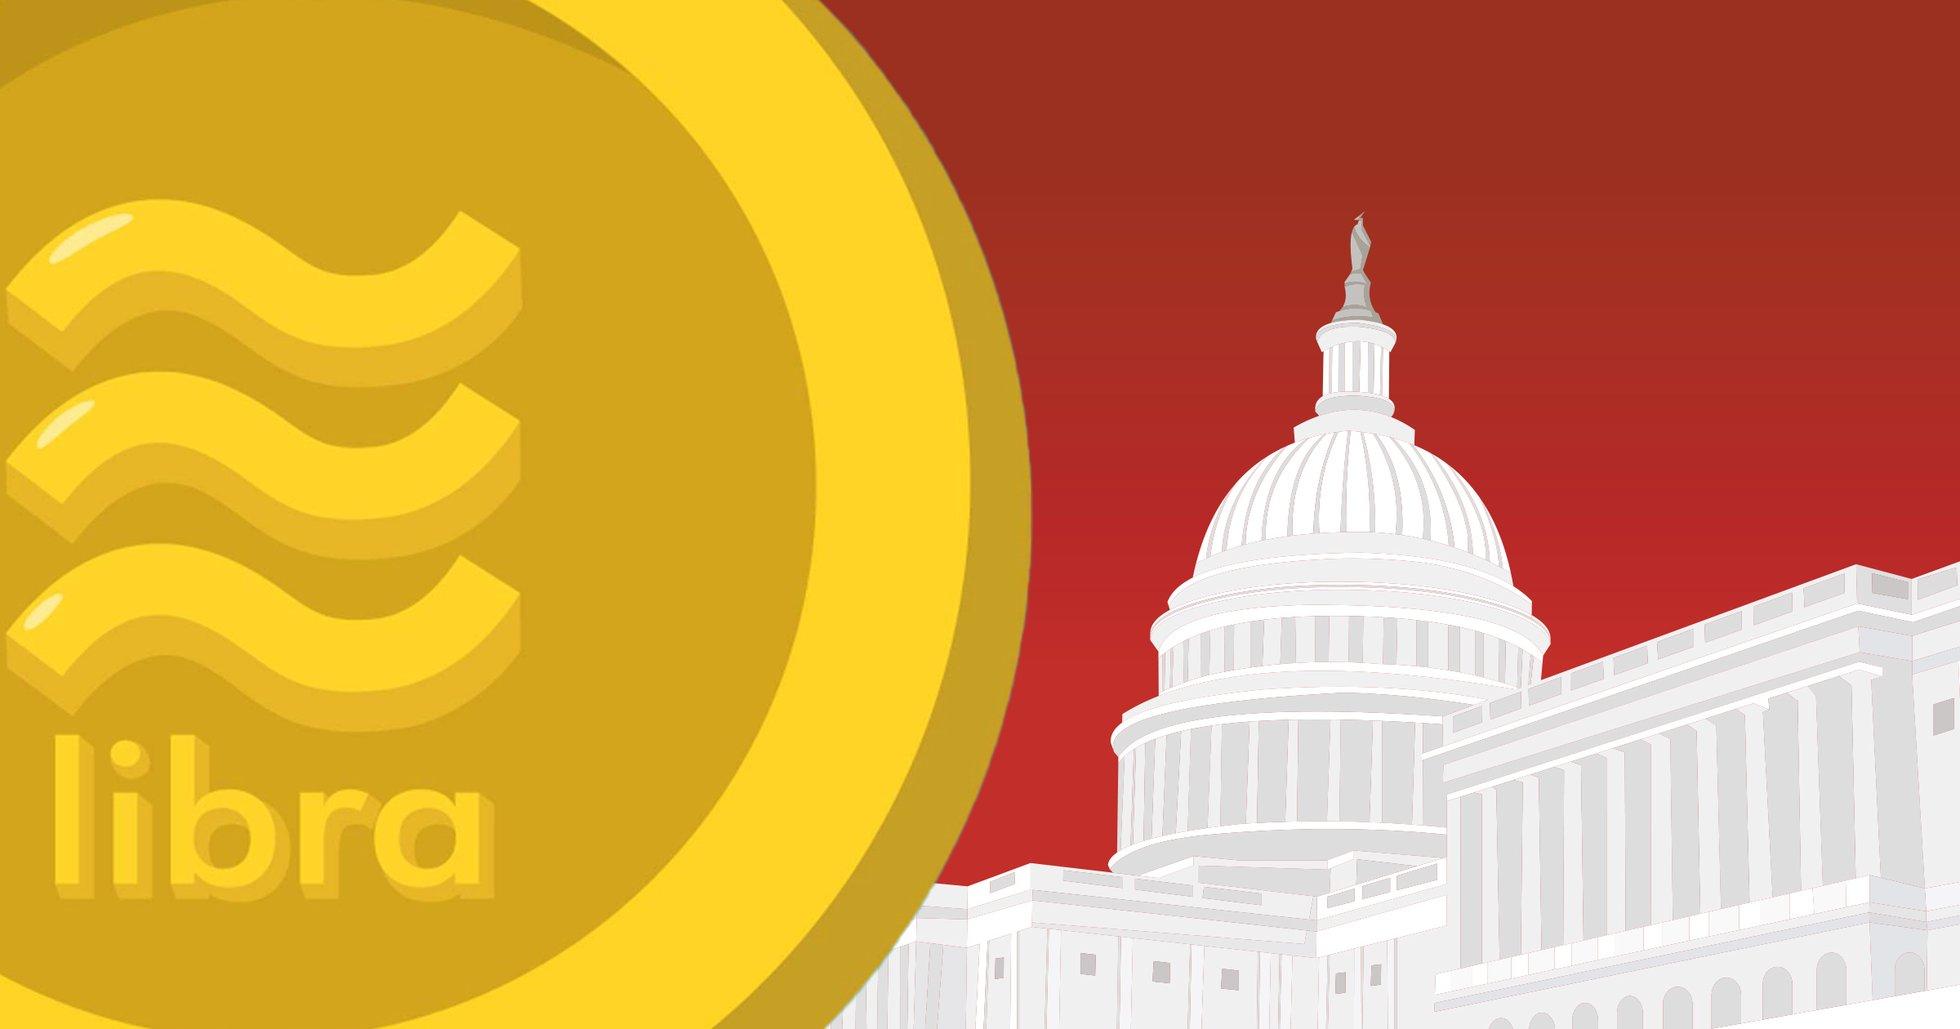 Amerikanska kongressen: Stoppa utvecklingen av er kryptovaluta libra, Facebook